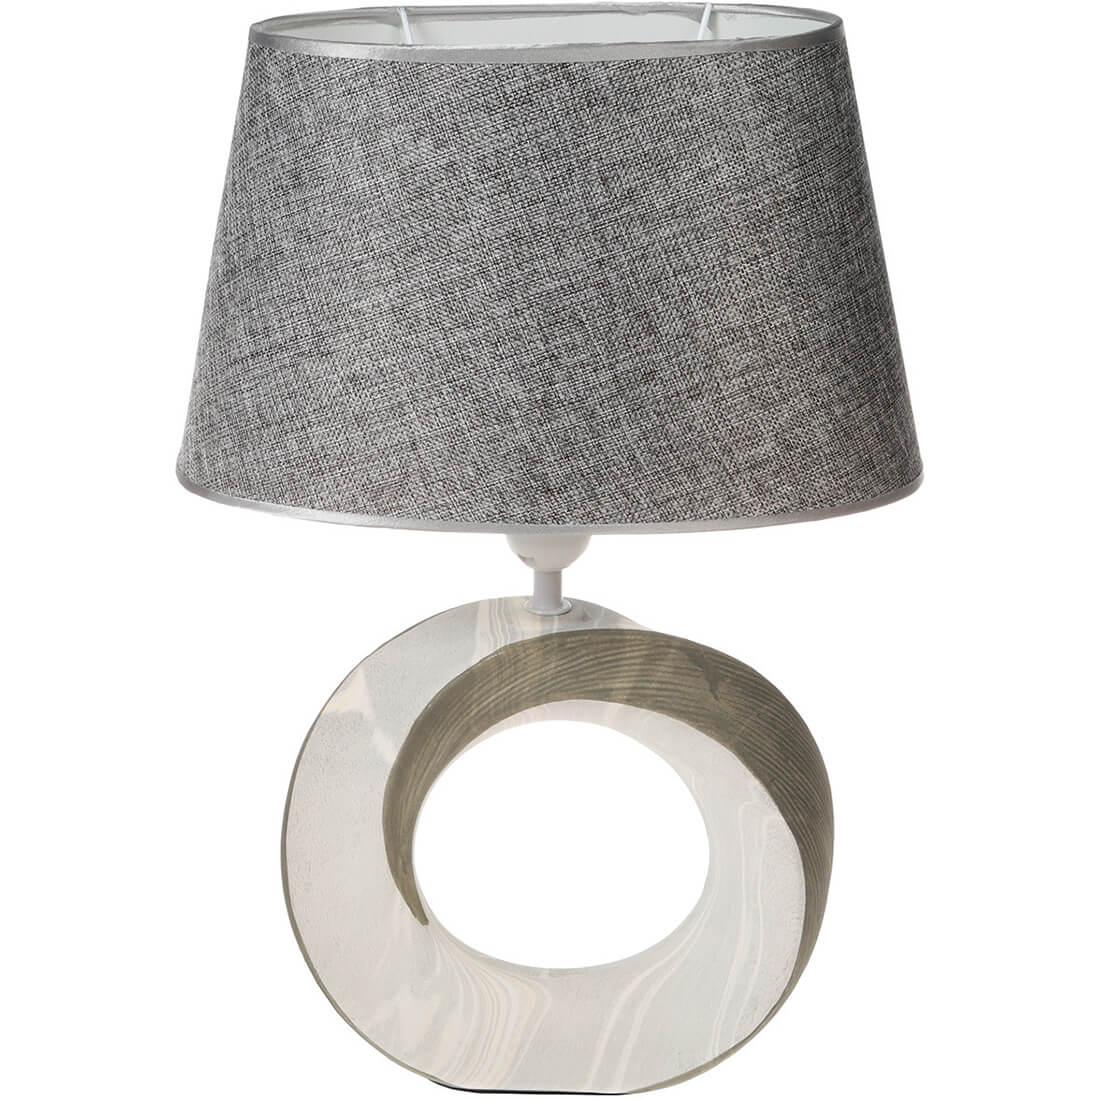 Настольная лампа Globo 21641T Jeremy настольная лампа декоративная globo jeremy 21643t